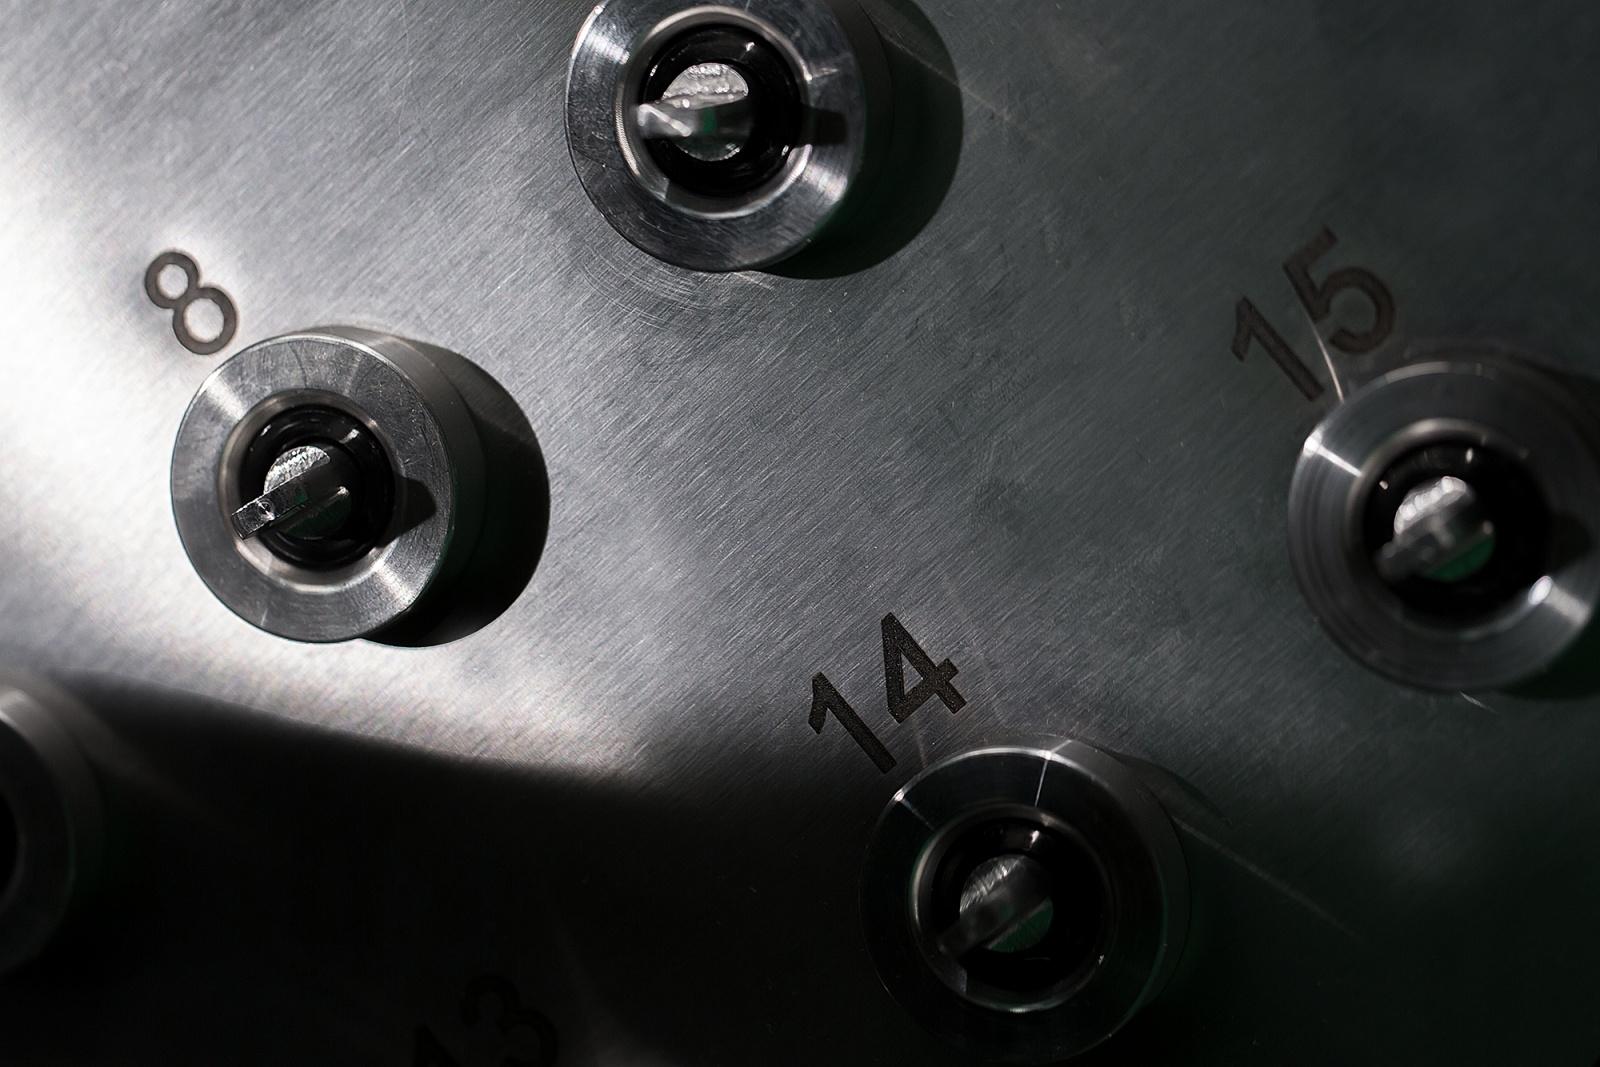 Тестируем умную ключницу (водка, кефир, чужие фотографии) - 4